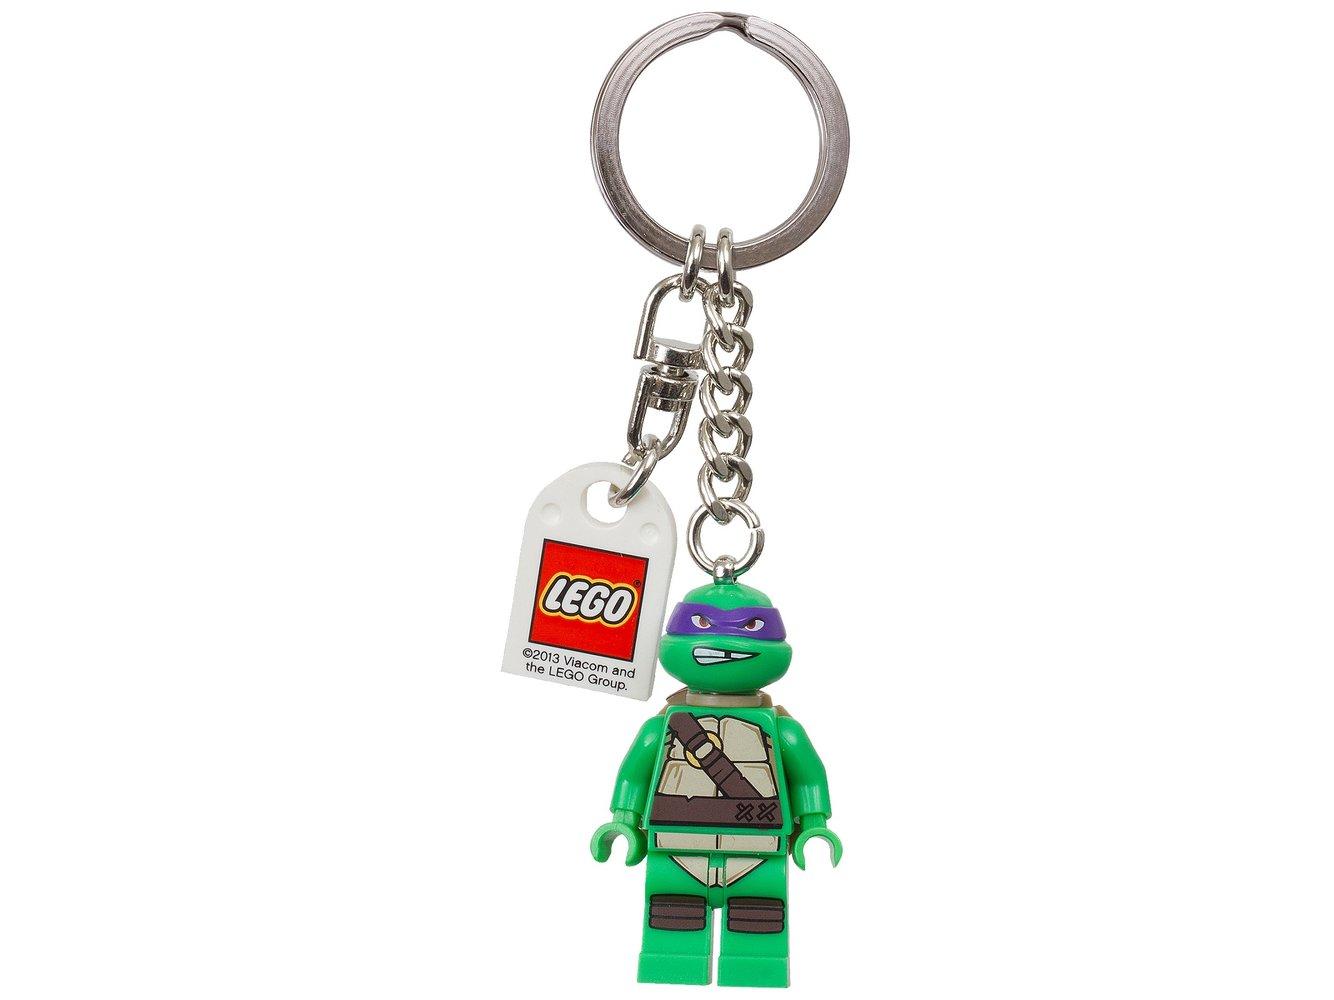 Donatello Key Chain